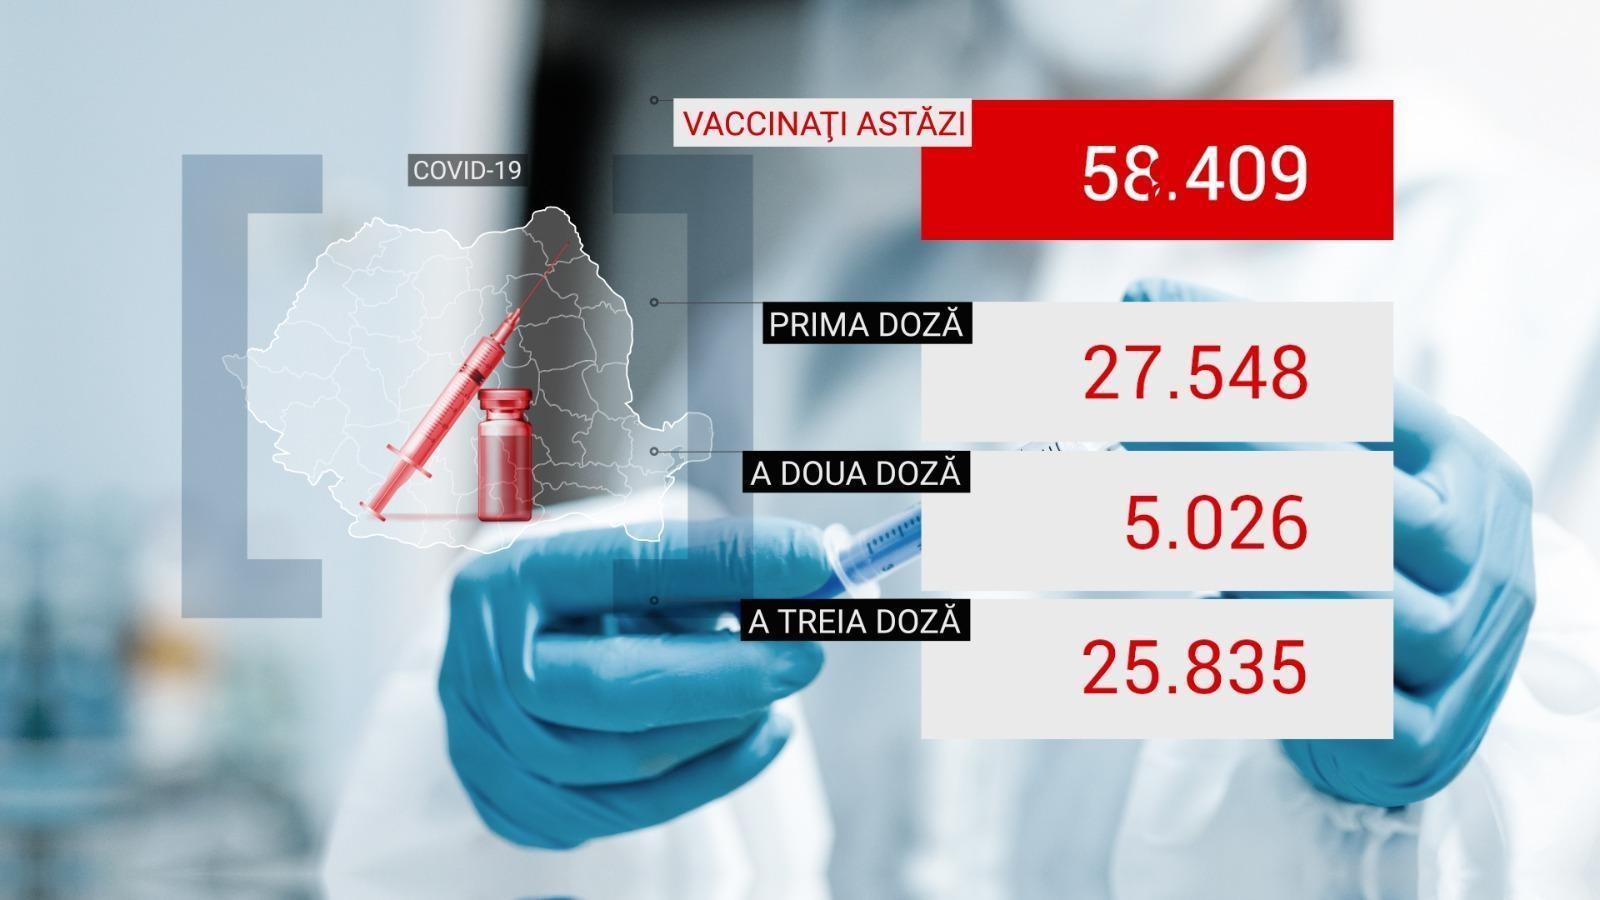 Bilanţ de vaccinare anti-Covid în România, 12 octombrie 2021. Peste 58.000 de doze administrate în ultimele 24 de ore